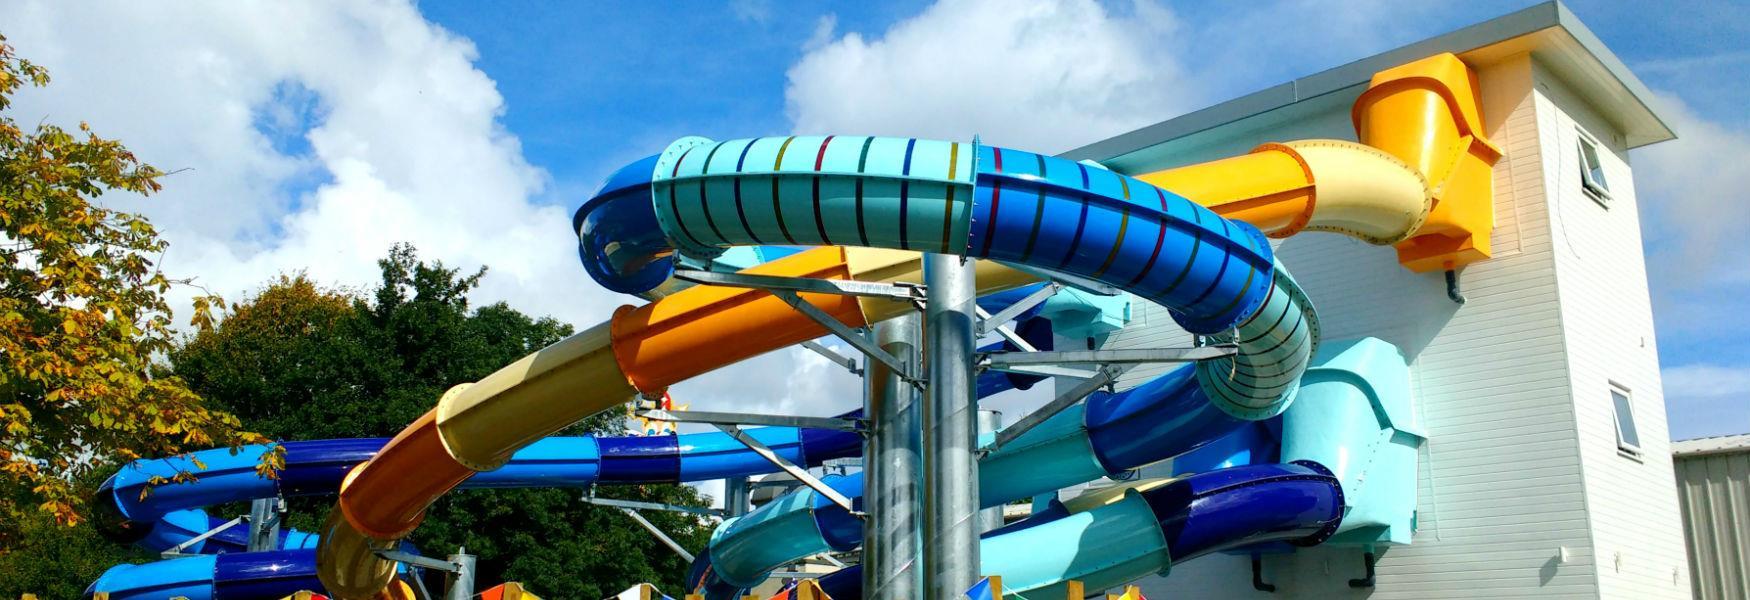 Splash Zone at Gulliver's World Resort